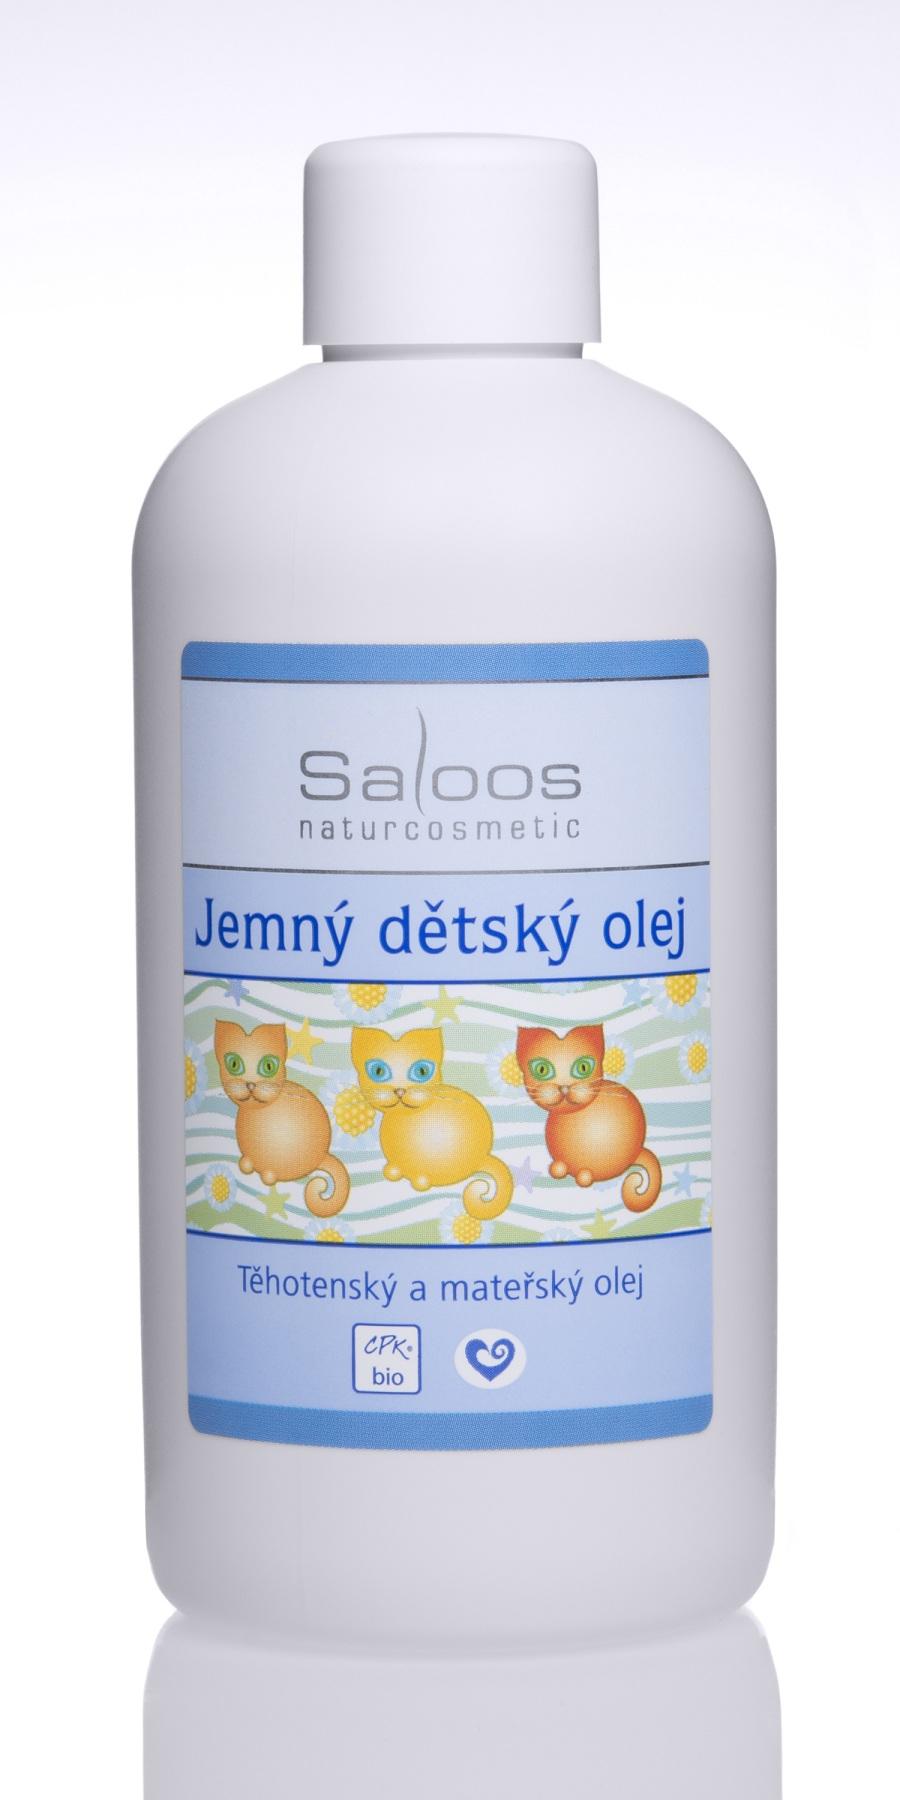 Saloos Jemný dětský olej 250 250 ml